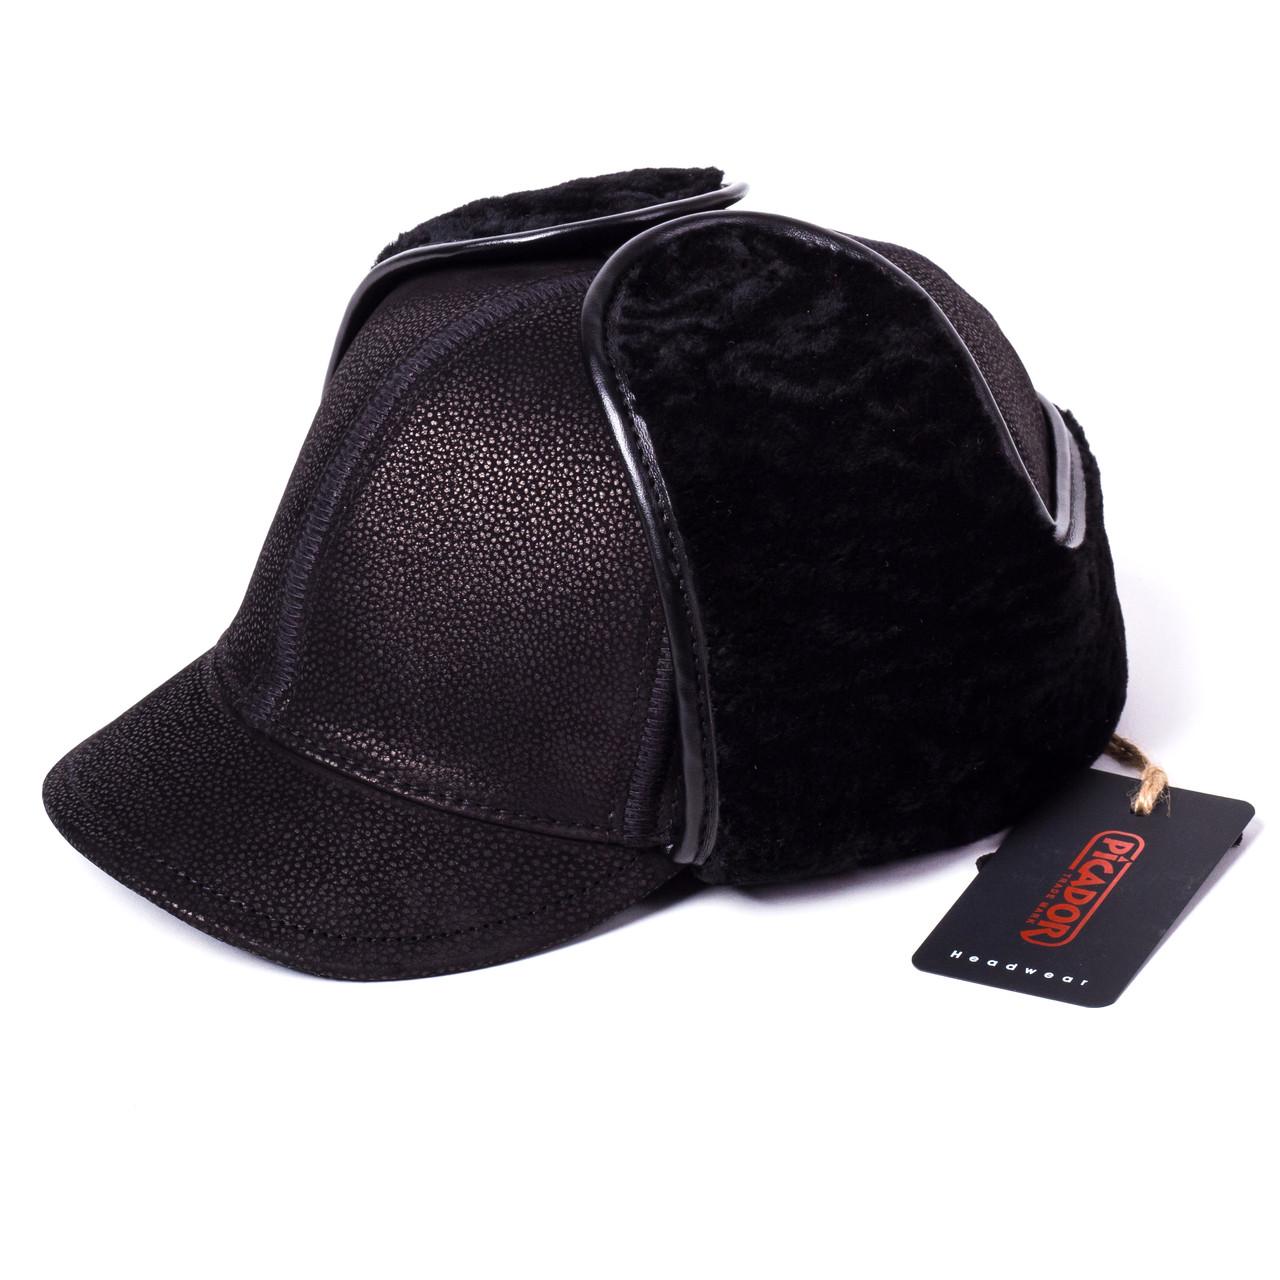 Кепка Жокей мужская замшевая черная Picador ЖСН-3-11-2